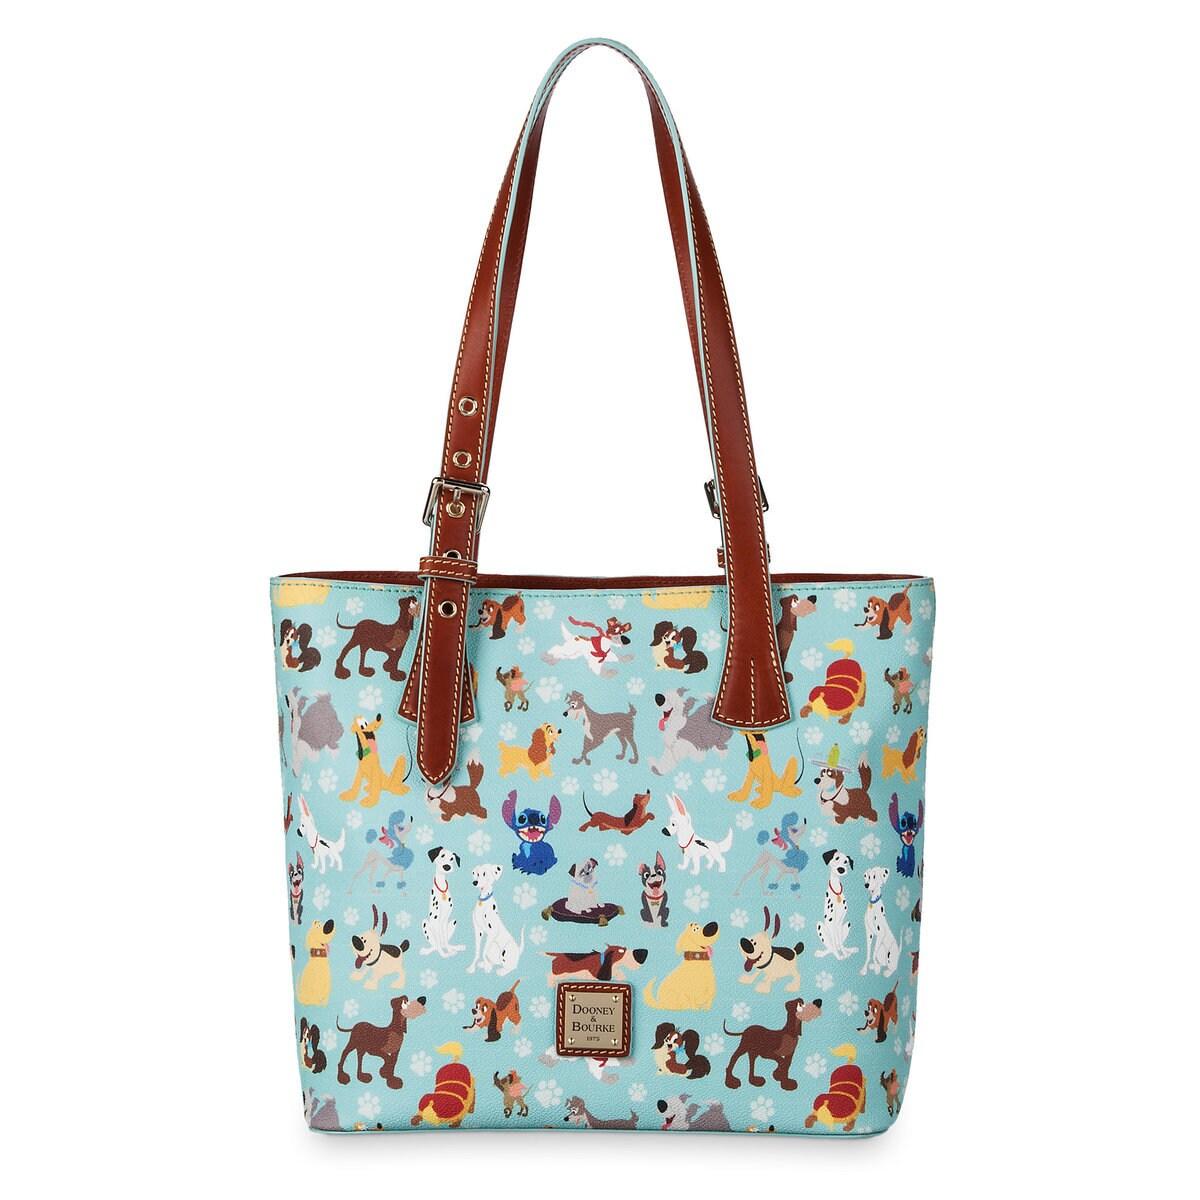 7b7d22d9af Product Image of Disney Dogs Emily Shoulder Bag - Dooney   Bourke   1